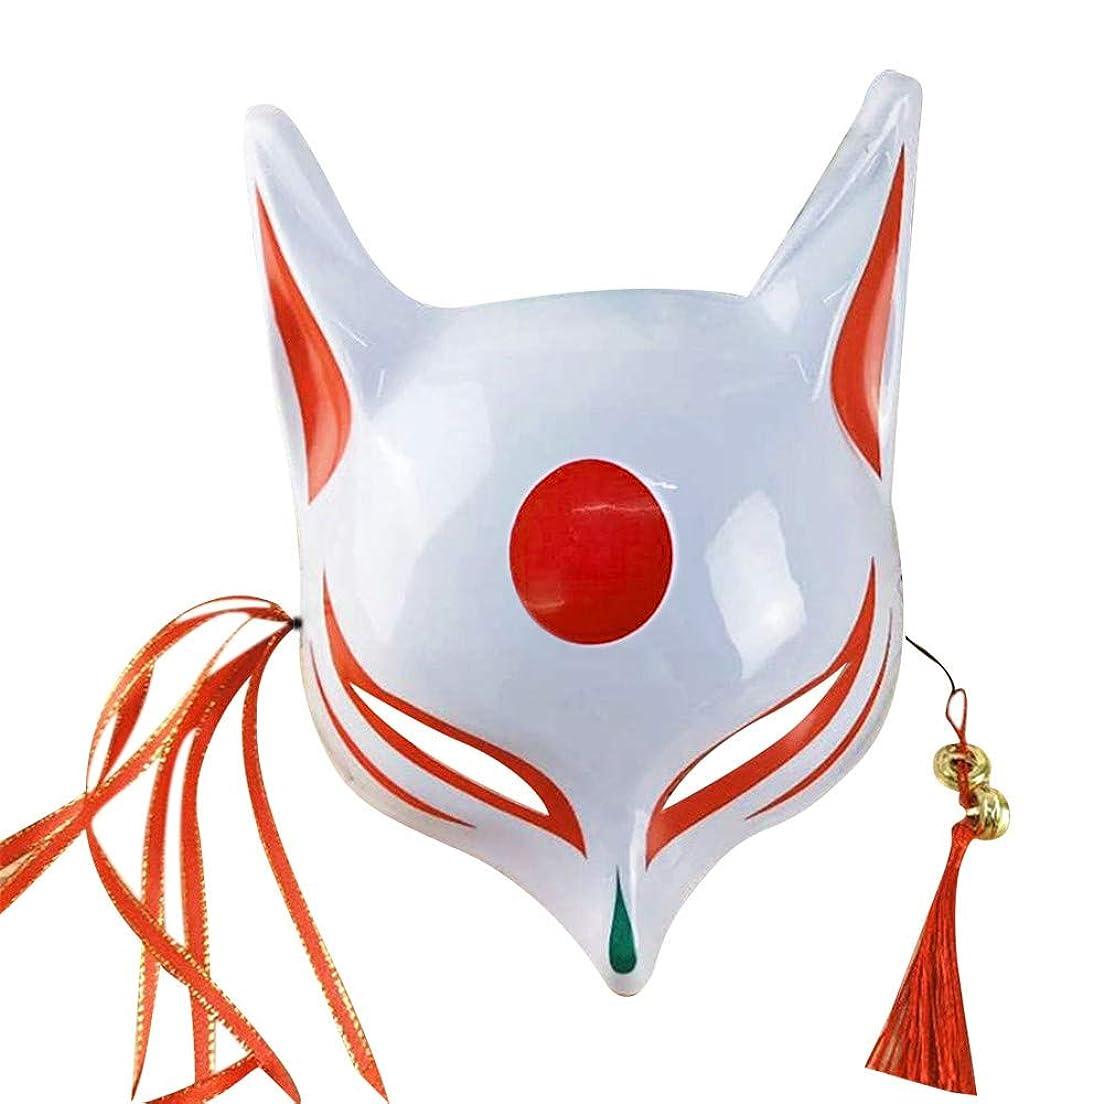 真っ逆さまピット鼓舞するKISSION手描きのマスクフォックスハーフフェイスマスクロールプレイ仮装ドレスアップ マスクバーパーティー キツネの妖精の半分の顔 和風の手描き